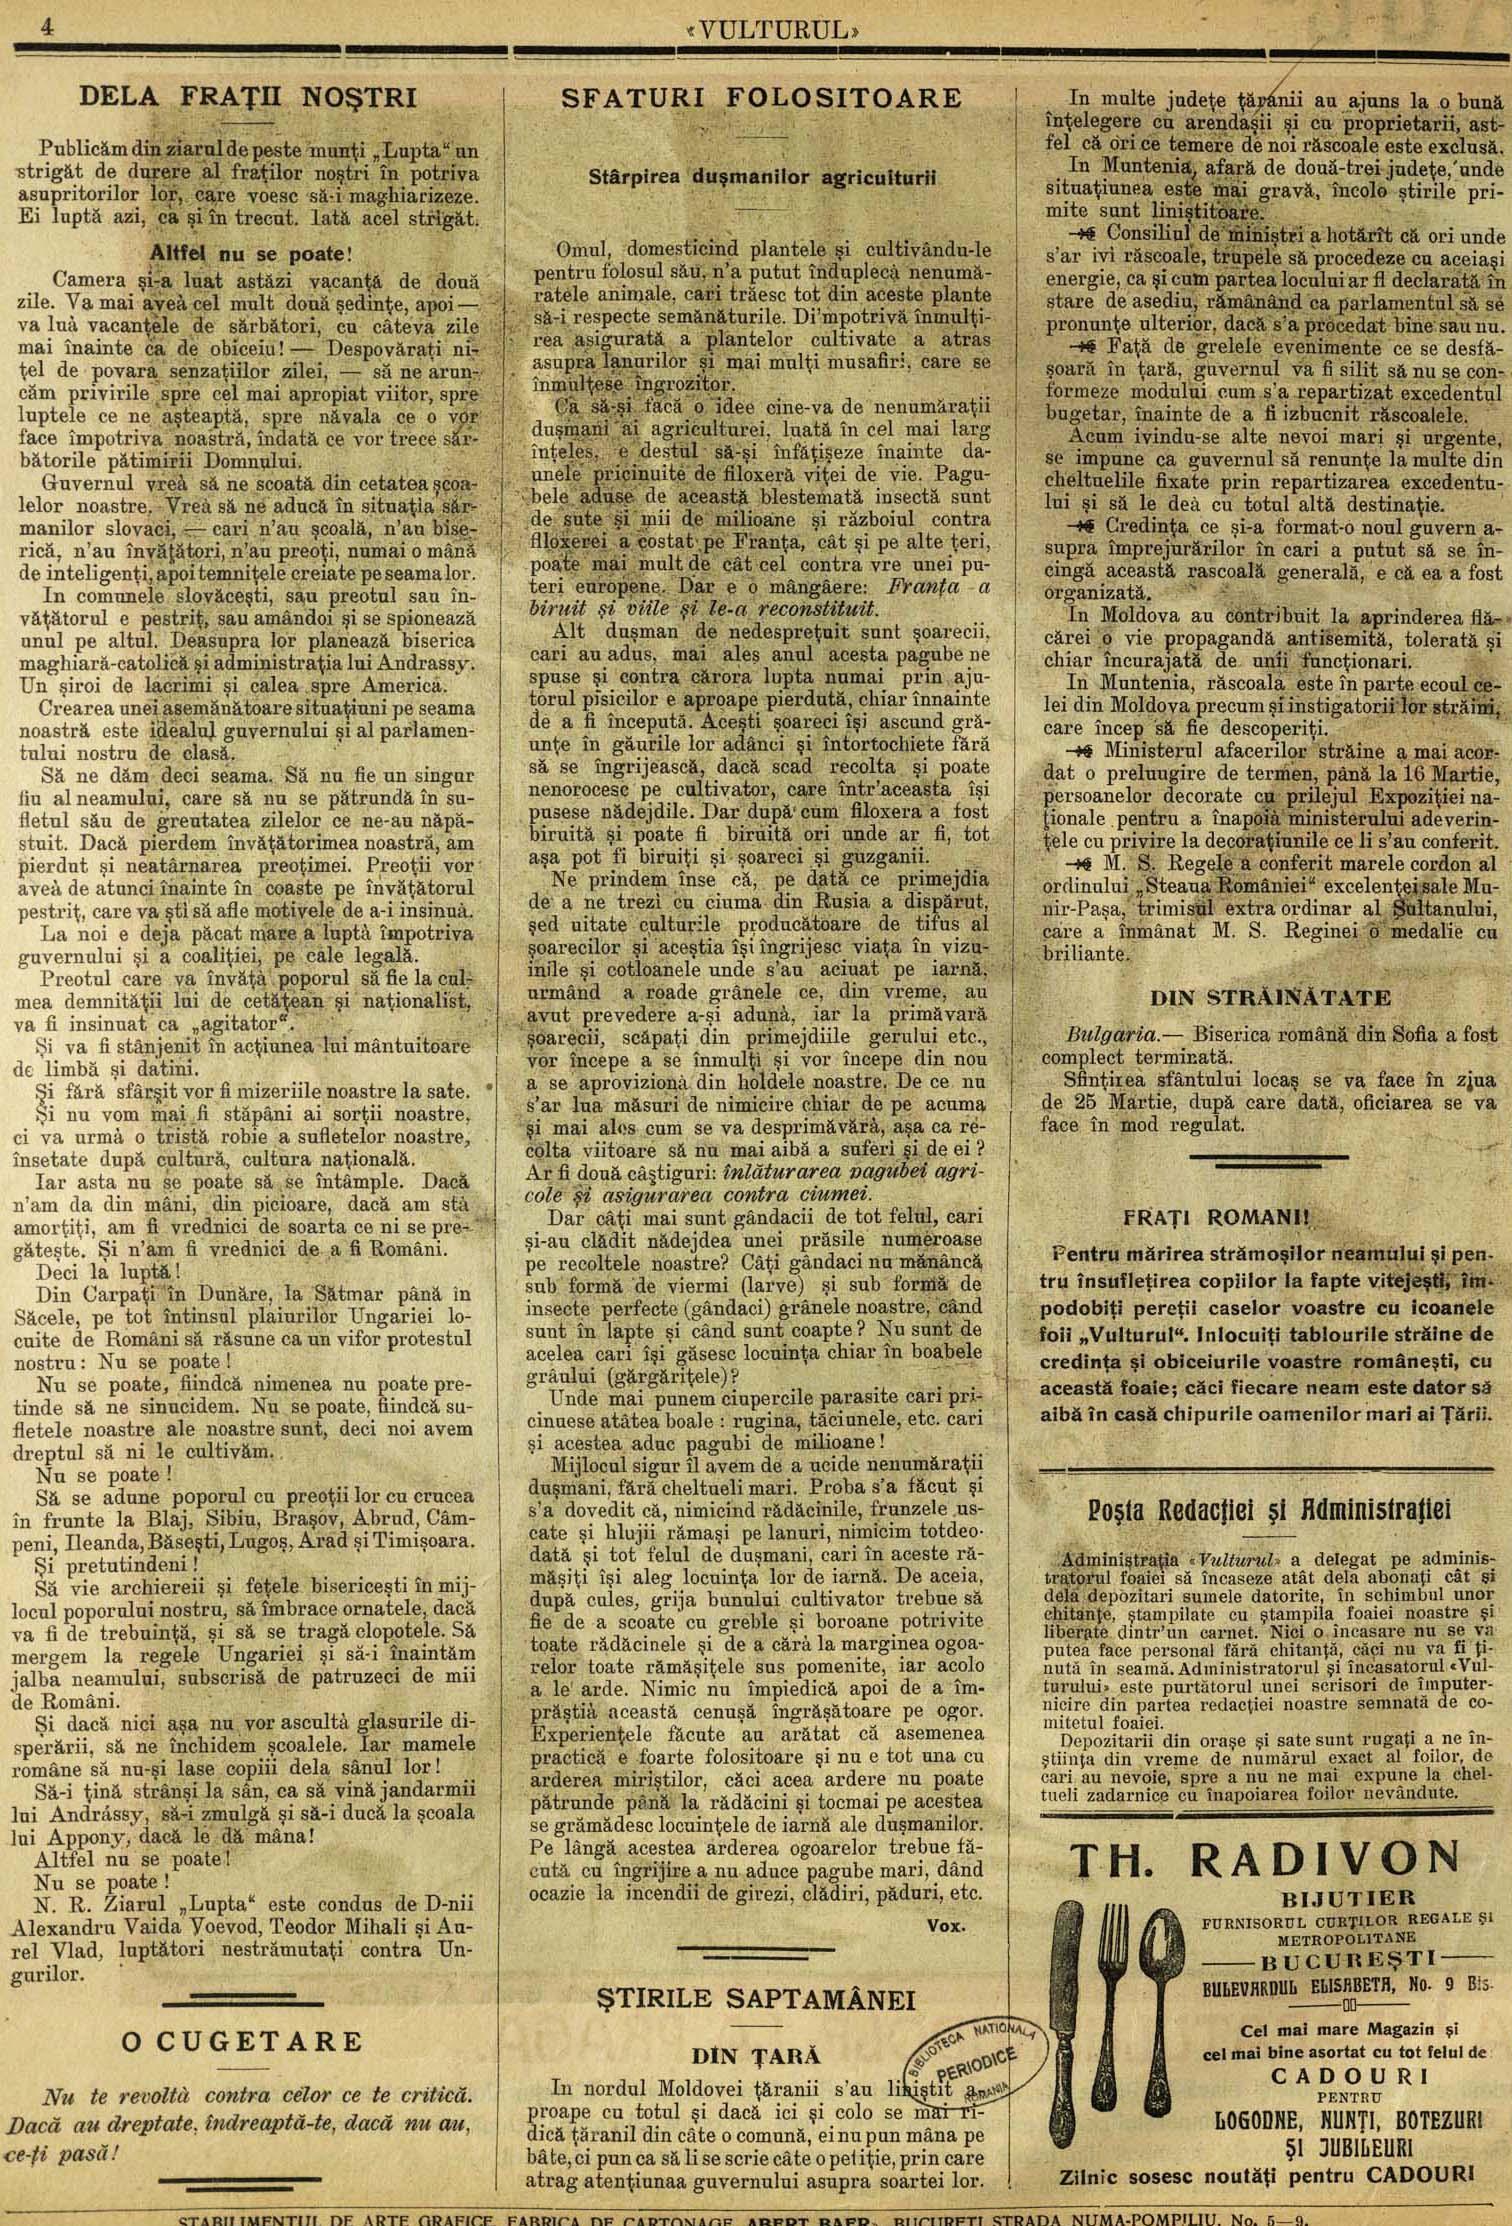 Vulturul 18 martie 1907 p 3